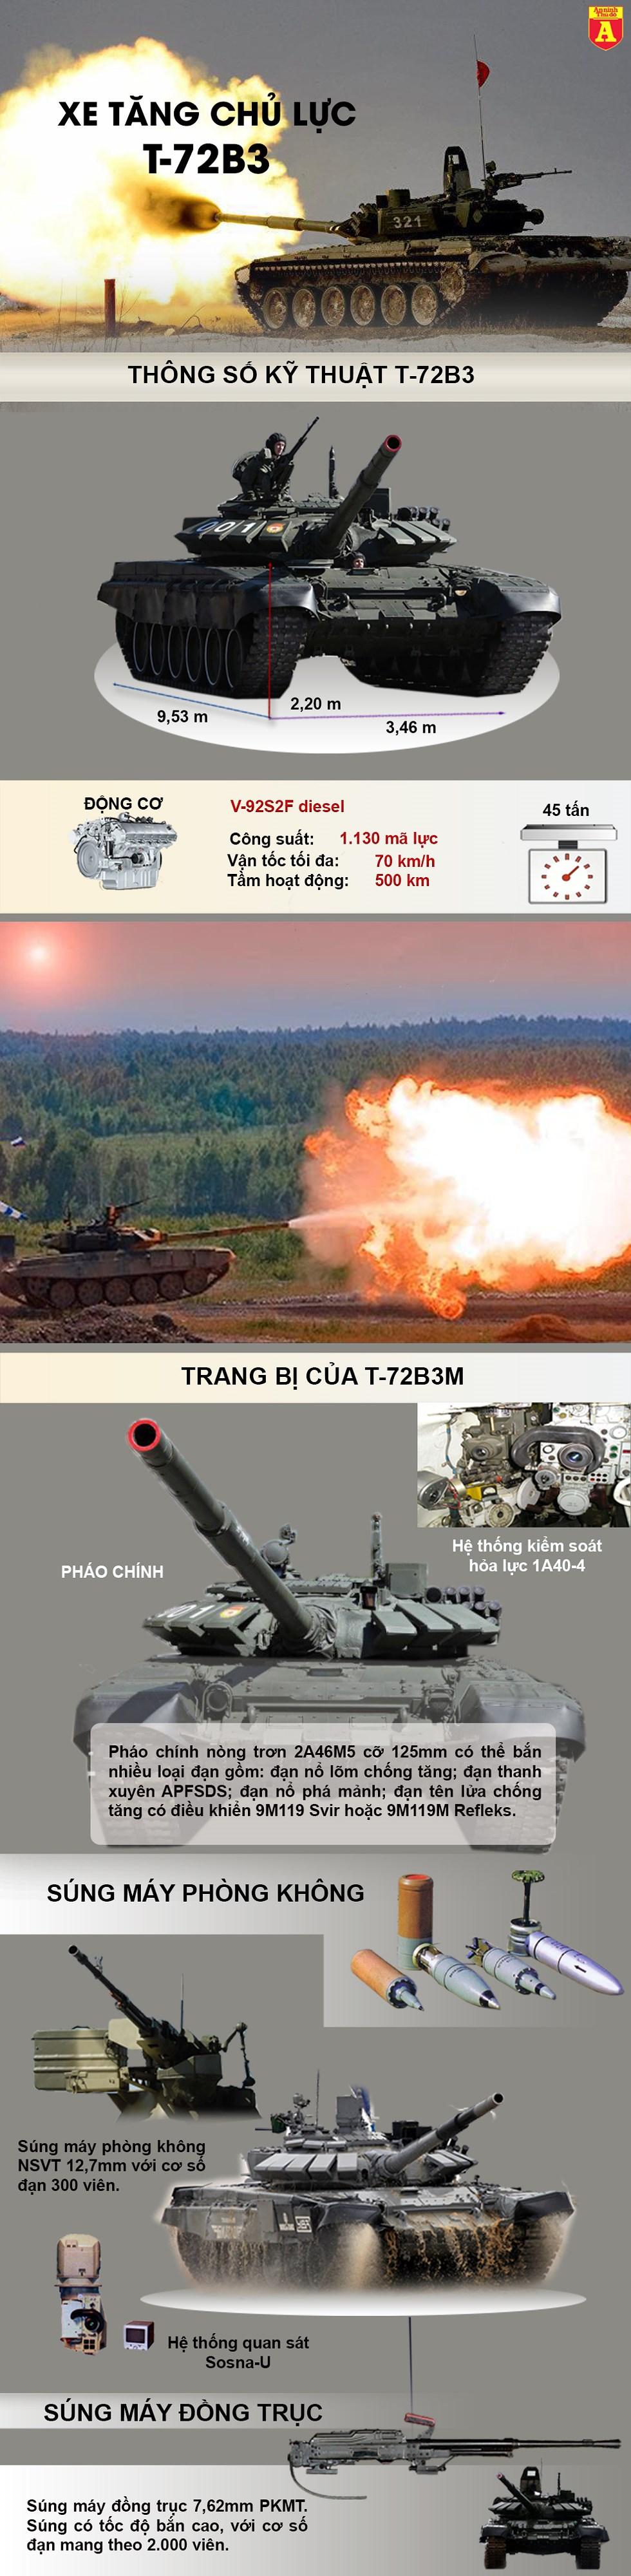 """[Infographics] Tìm hiểu loại xe tăng đang """"làm mưa làm gió"""" tại đấu trường Nga - Ảnh 1"""